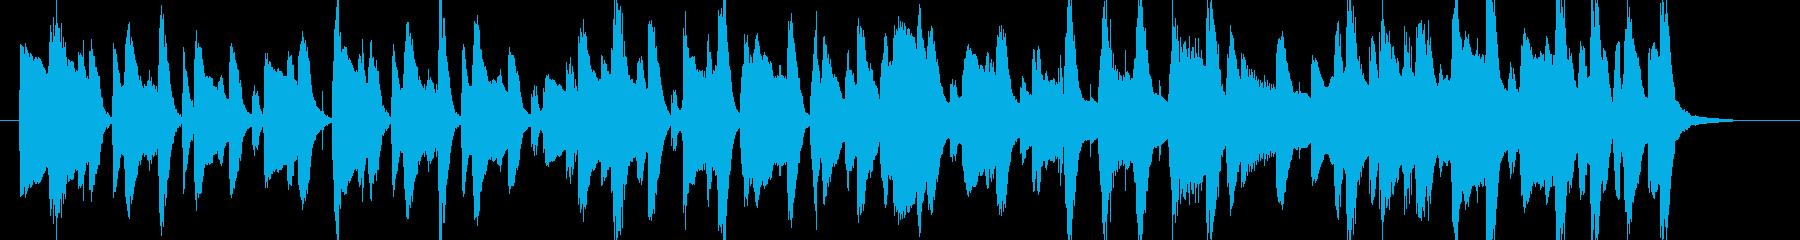 ポップでゆったりしたBGM・ループ楽曲の再生済みの波形